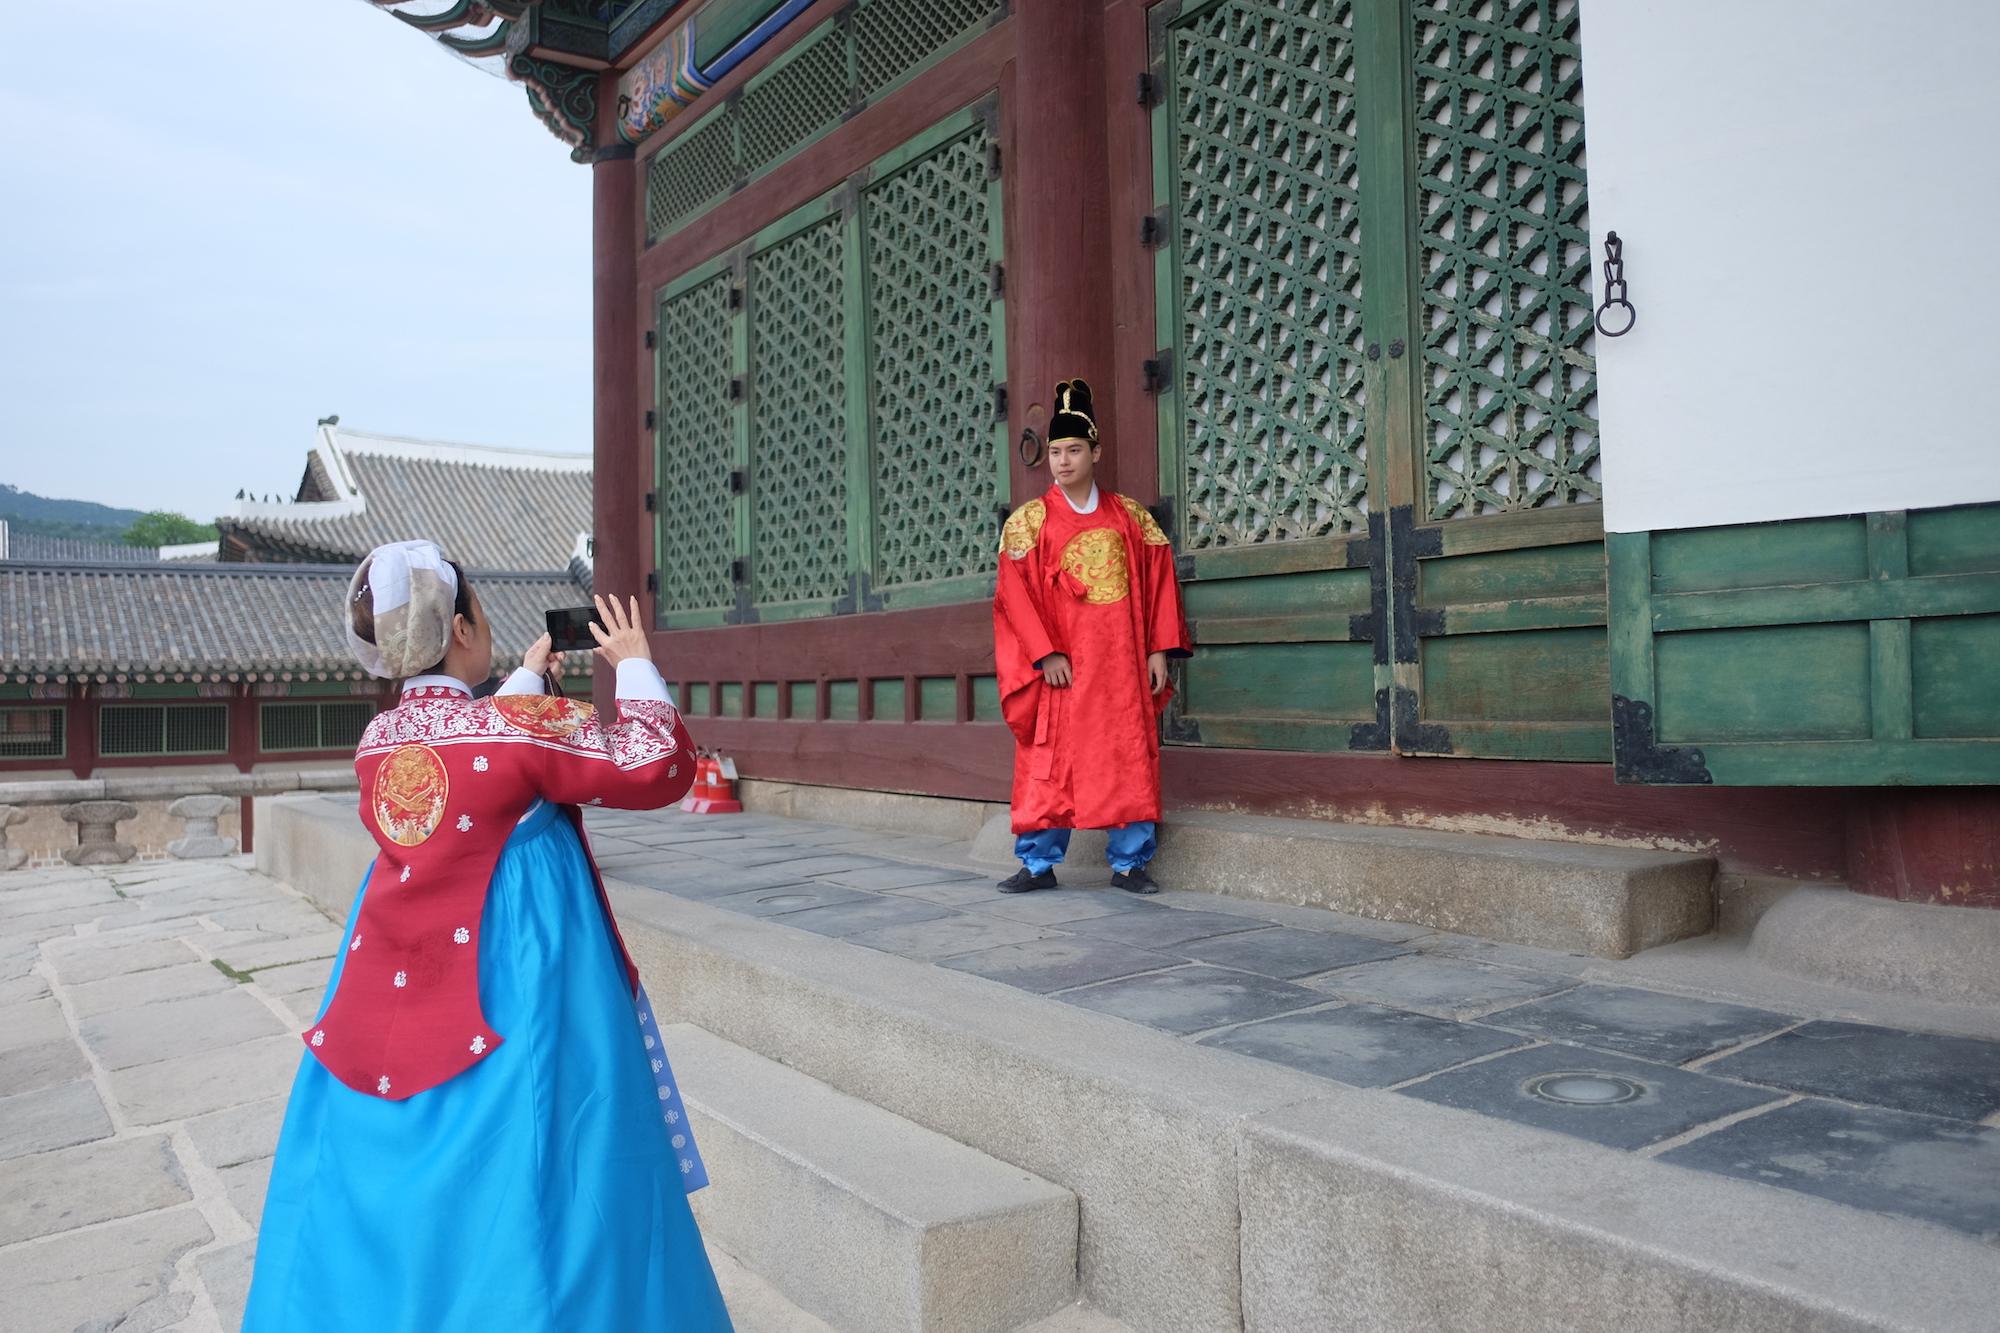 Coreeseoul00071